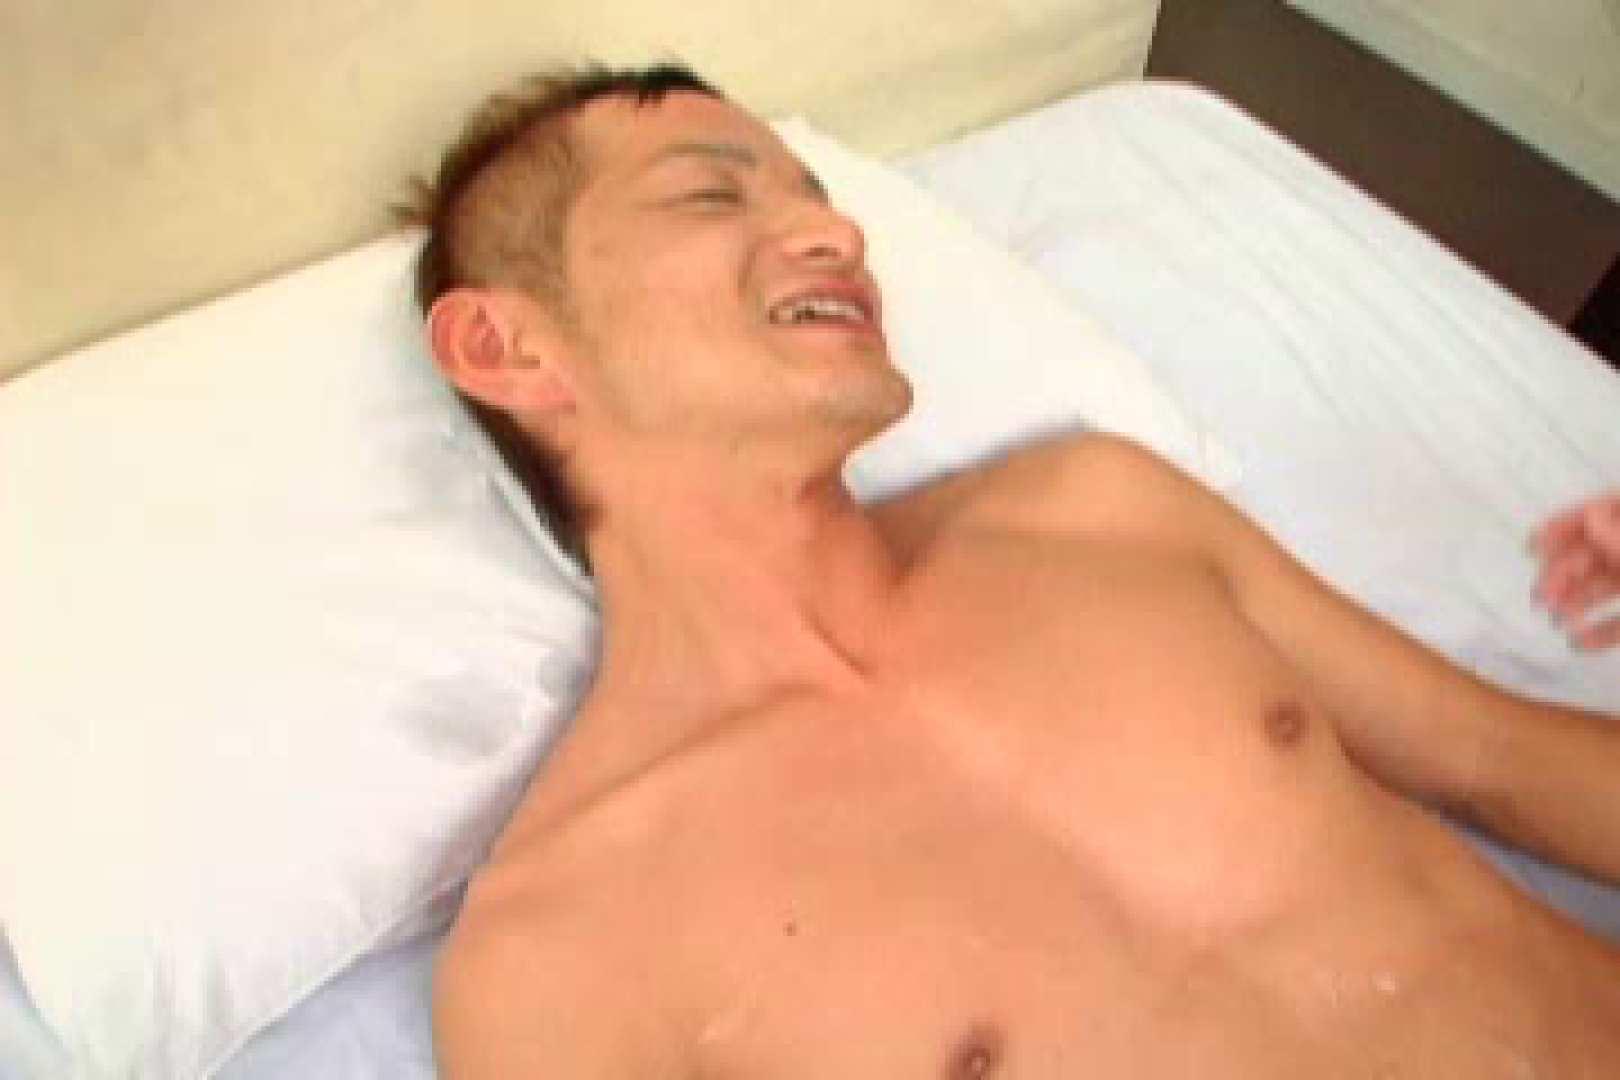 美しいmensは「トロマン」が大好き!!vol.06 スジ筋系男子 ゲイSEX画像 108枚 24